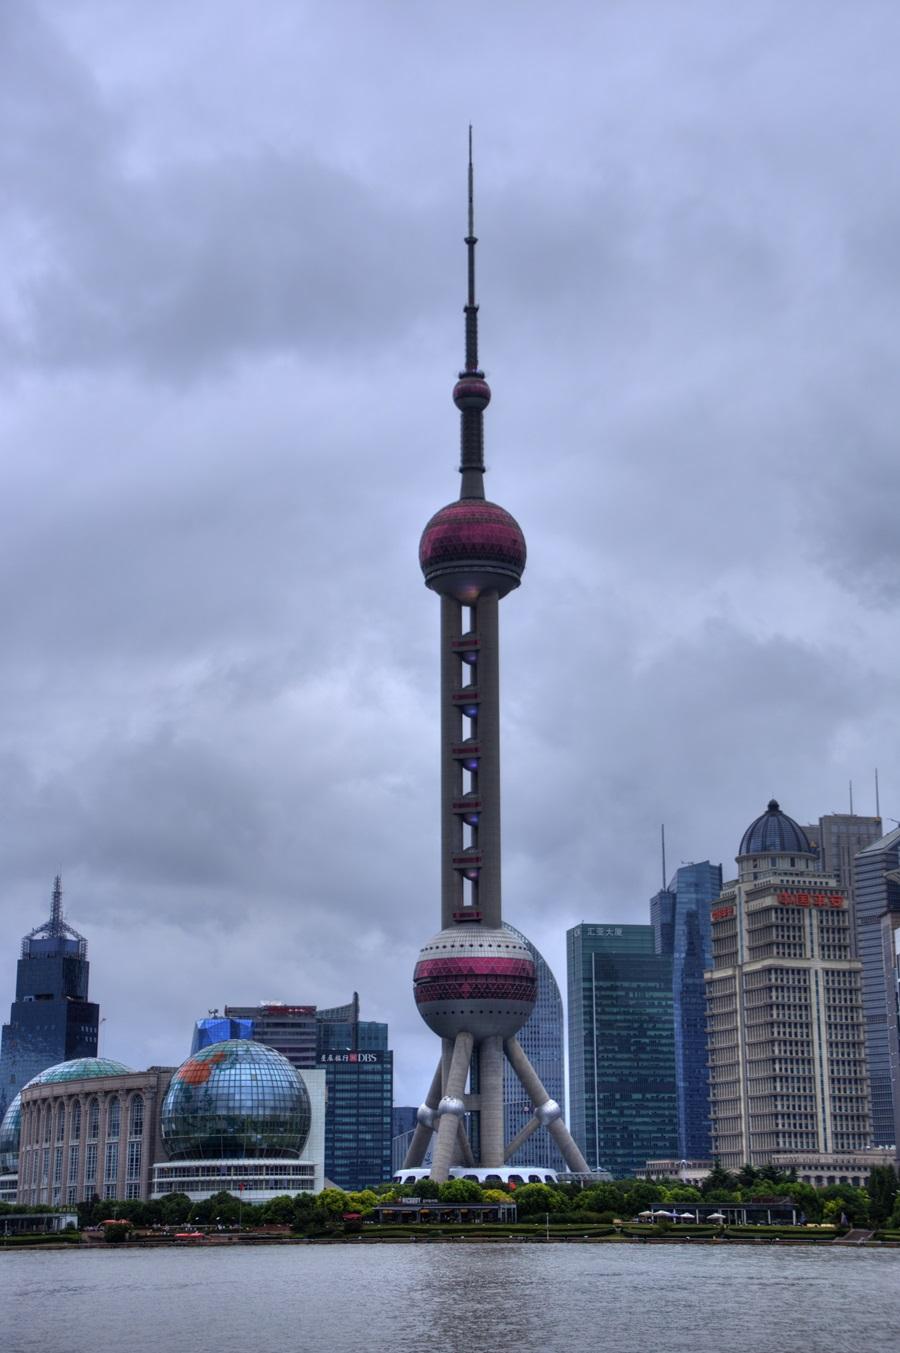 上海テレビ塔 オリエンタルパールタワー 上海タワー 東方明珠電視塔 浦東エリア 超高層タワービル群 外灘 バンド ワイタン The Bund Zhongshan East 1st Rd Huangpu Shanghai (14)